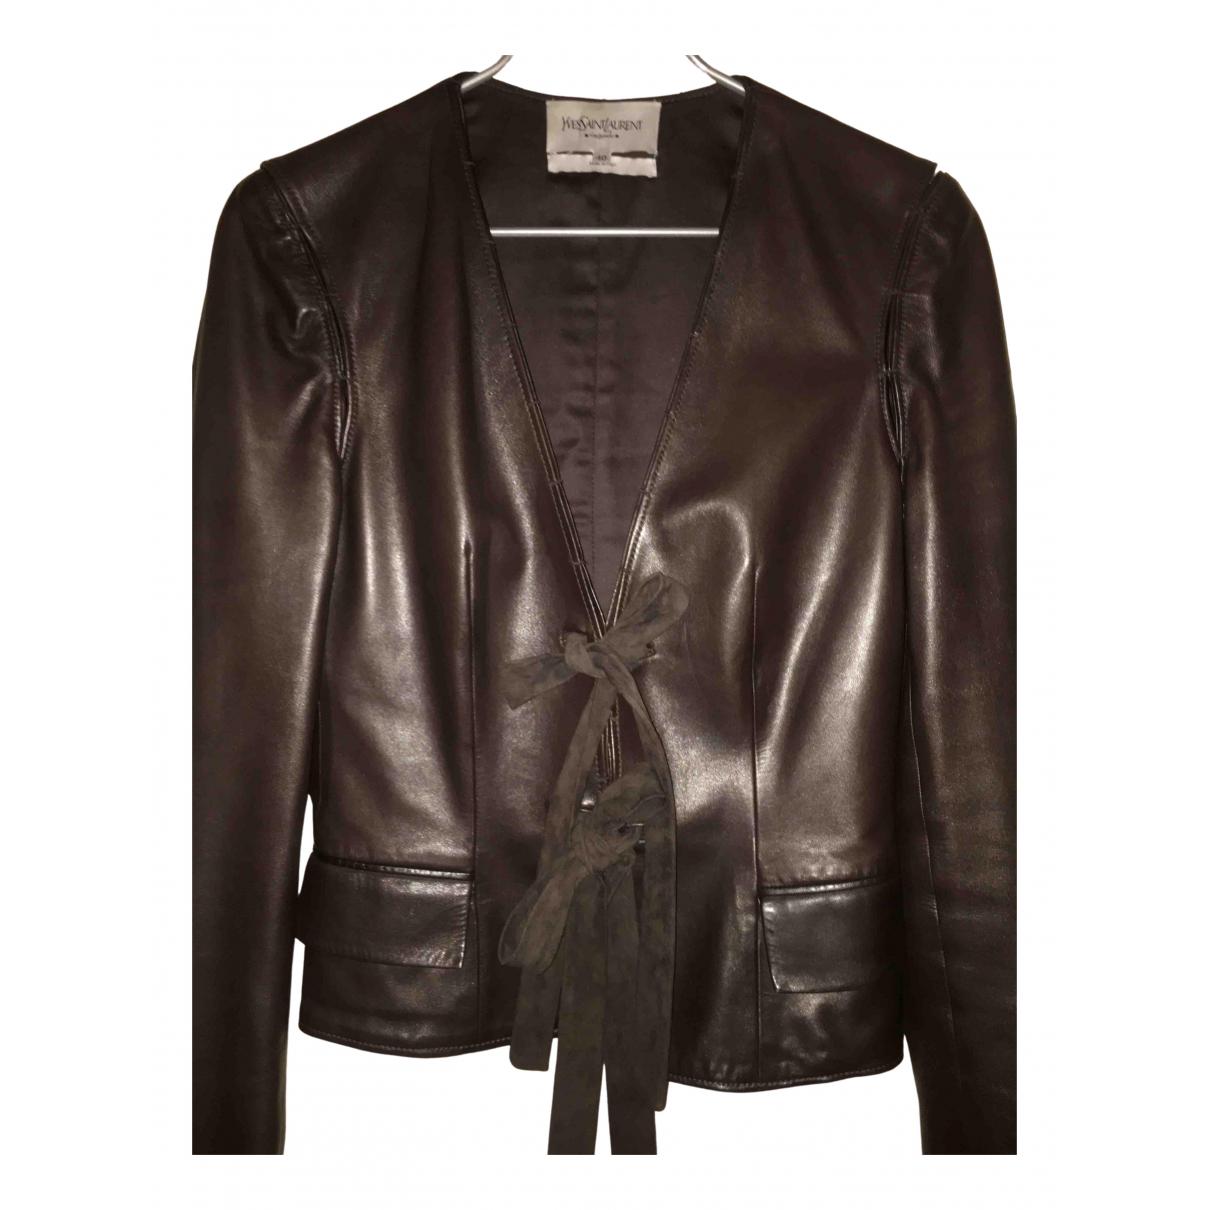 Yves Saint Laurent - Veste   pour femme en cuir - marron